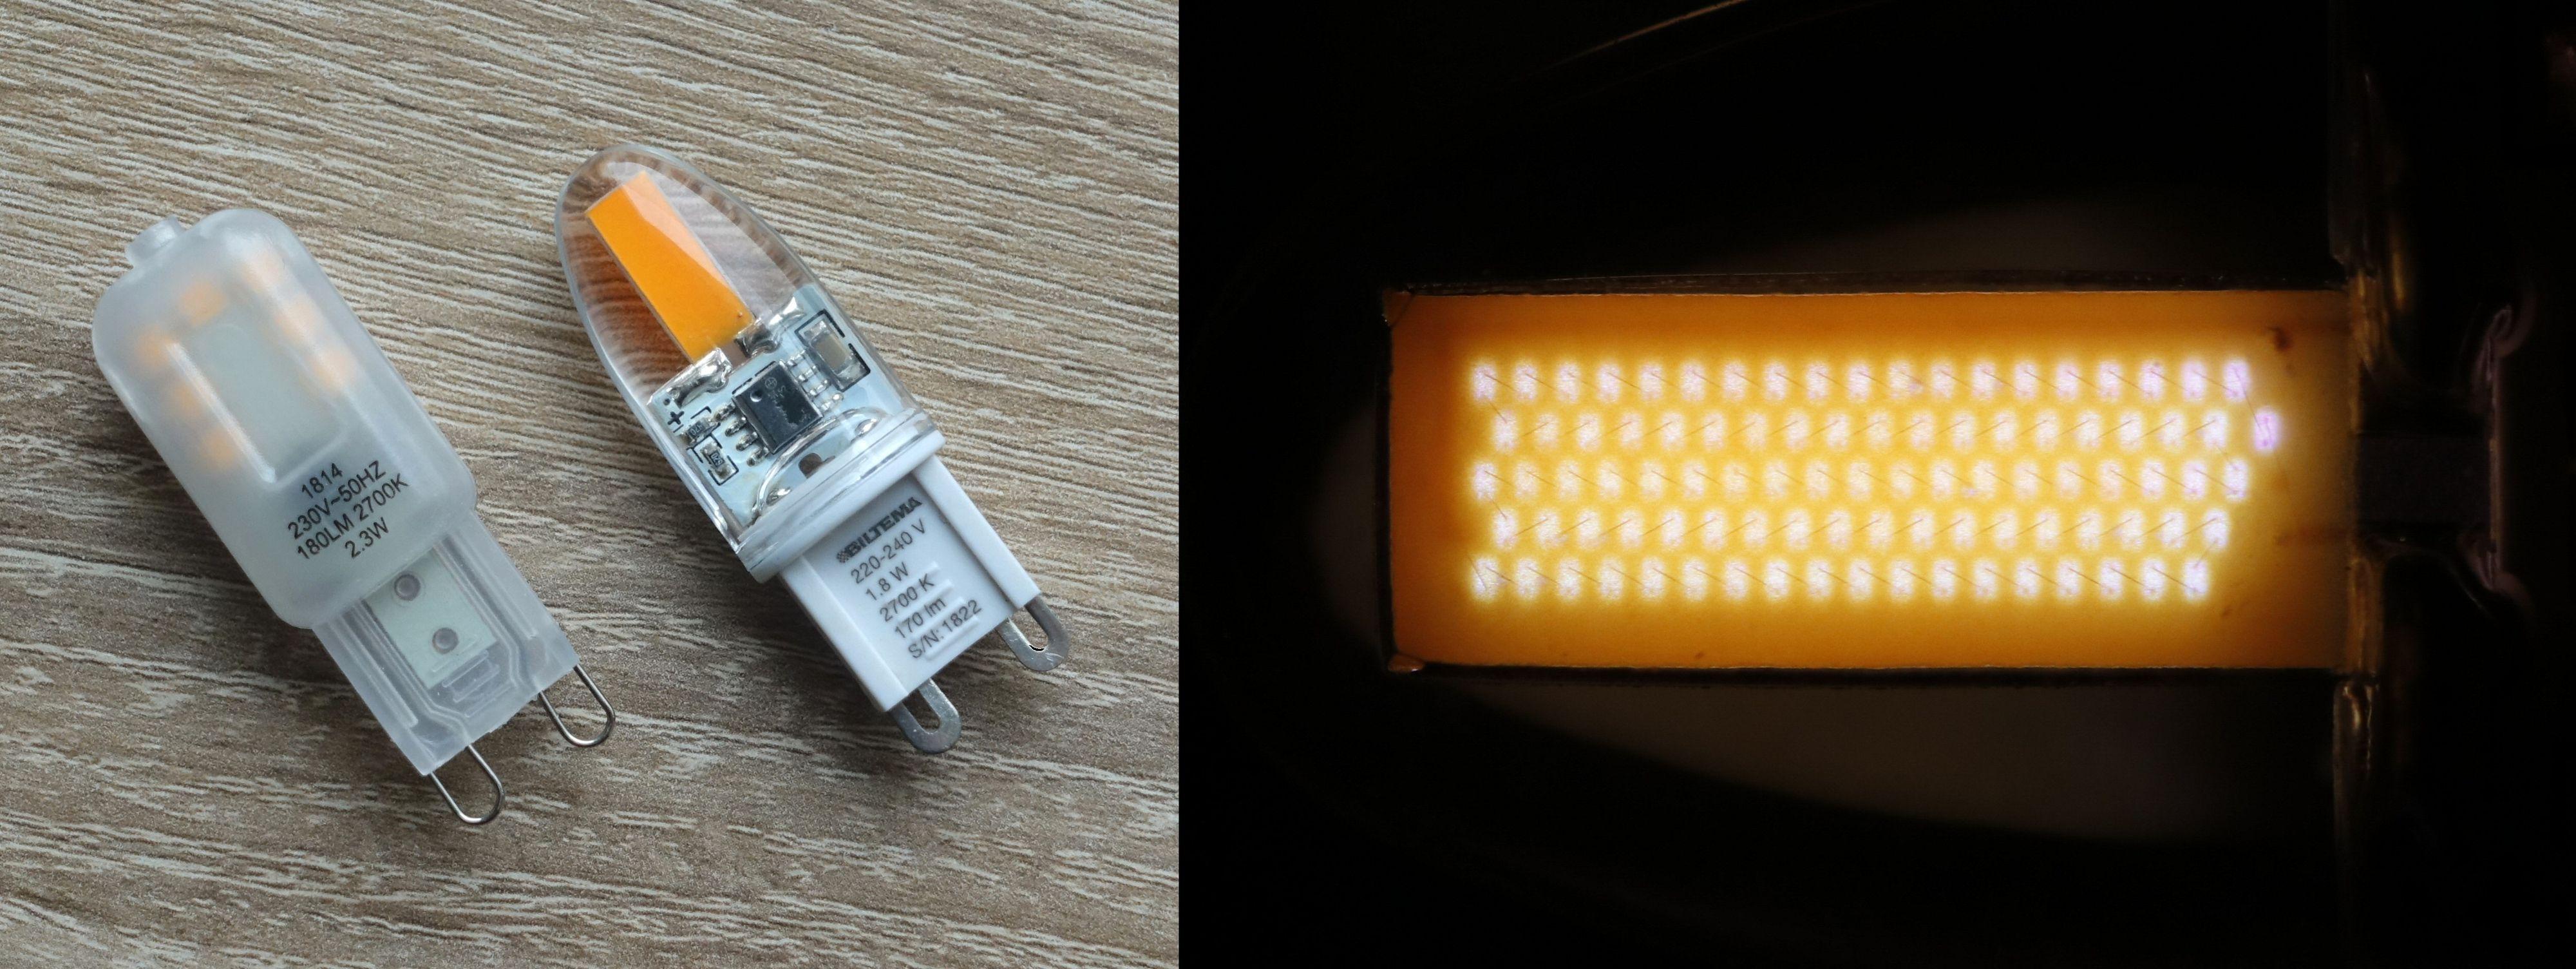 For G9-pæren med SMD-teknologi til venstre kan vi enkelt telle 7 LED-brikker under plastskallet. For pæren til høyre ser det først ut som den bare har et stort «LED-felt», men dette er faktisk en lang serie med små dioder lagd med COG-teknologi. I makrobildet til høyre kan vi både telle dem og se at de har forbindelse med hverandre.